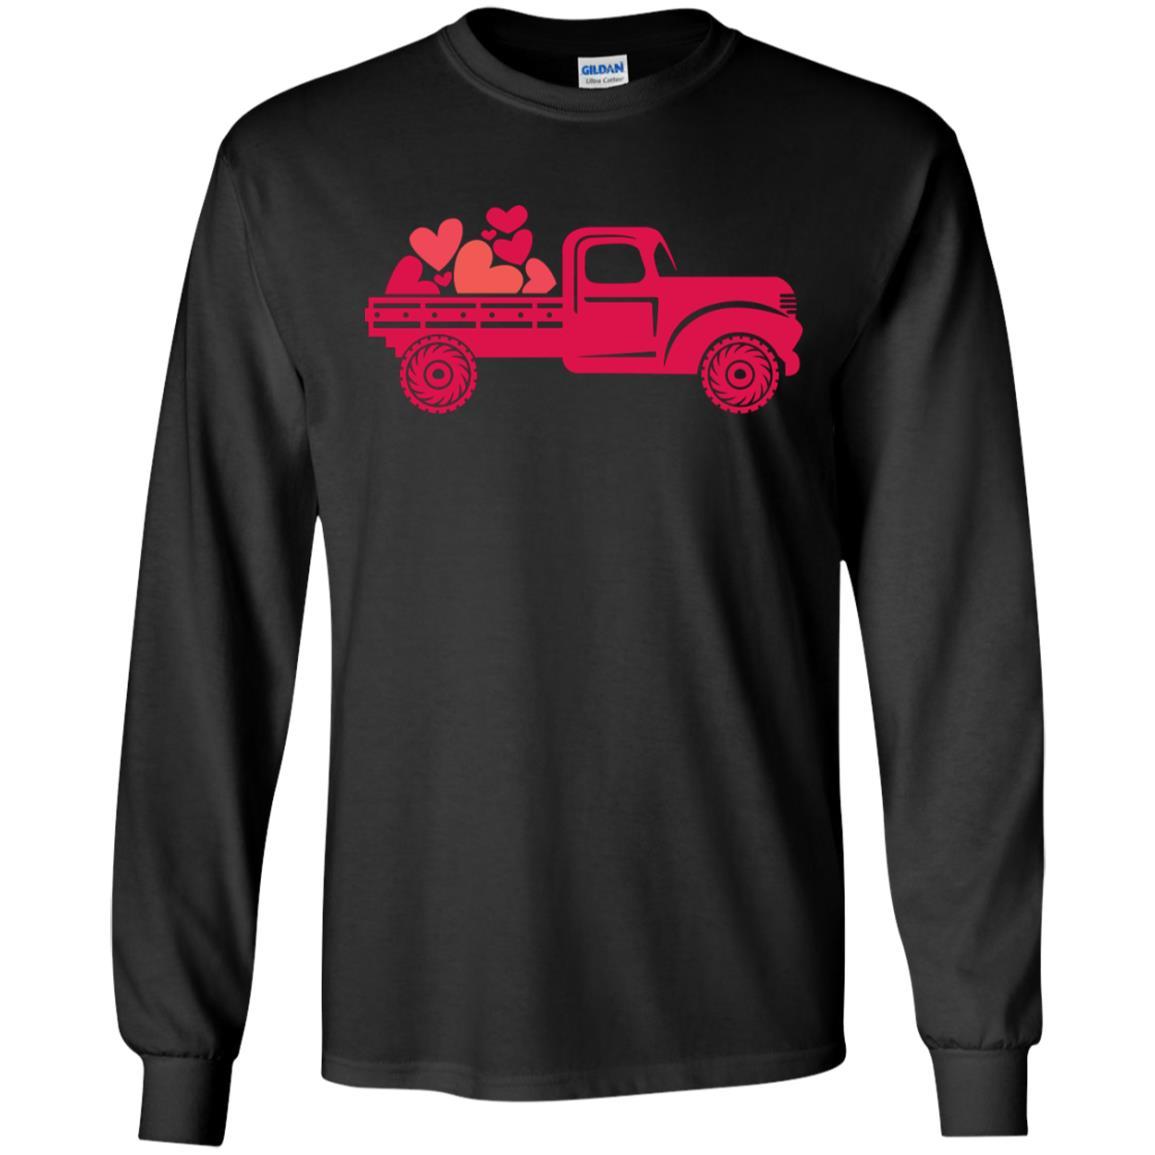 Full Truck Heart Gildan LS Ultra Cotton T-Shirt